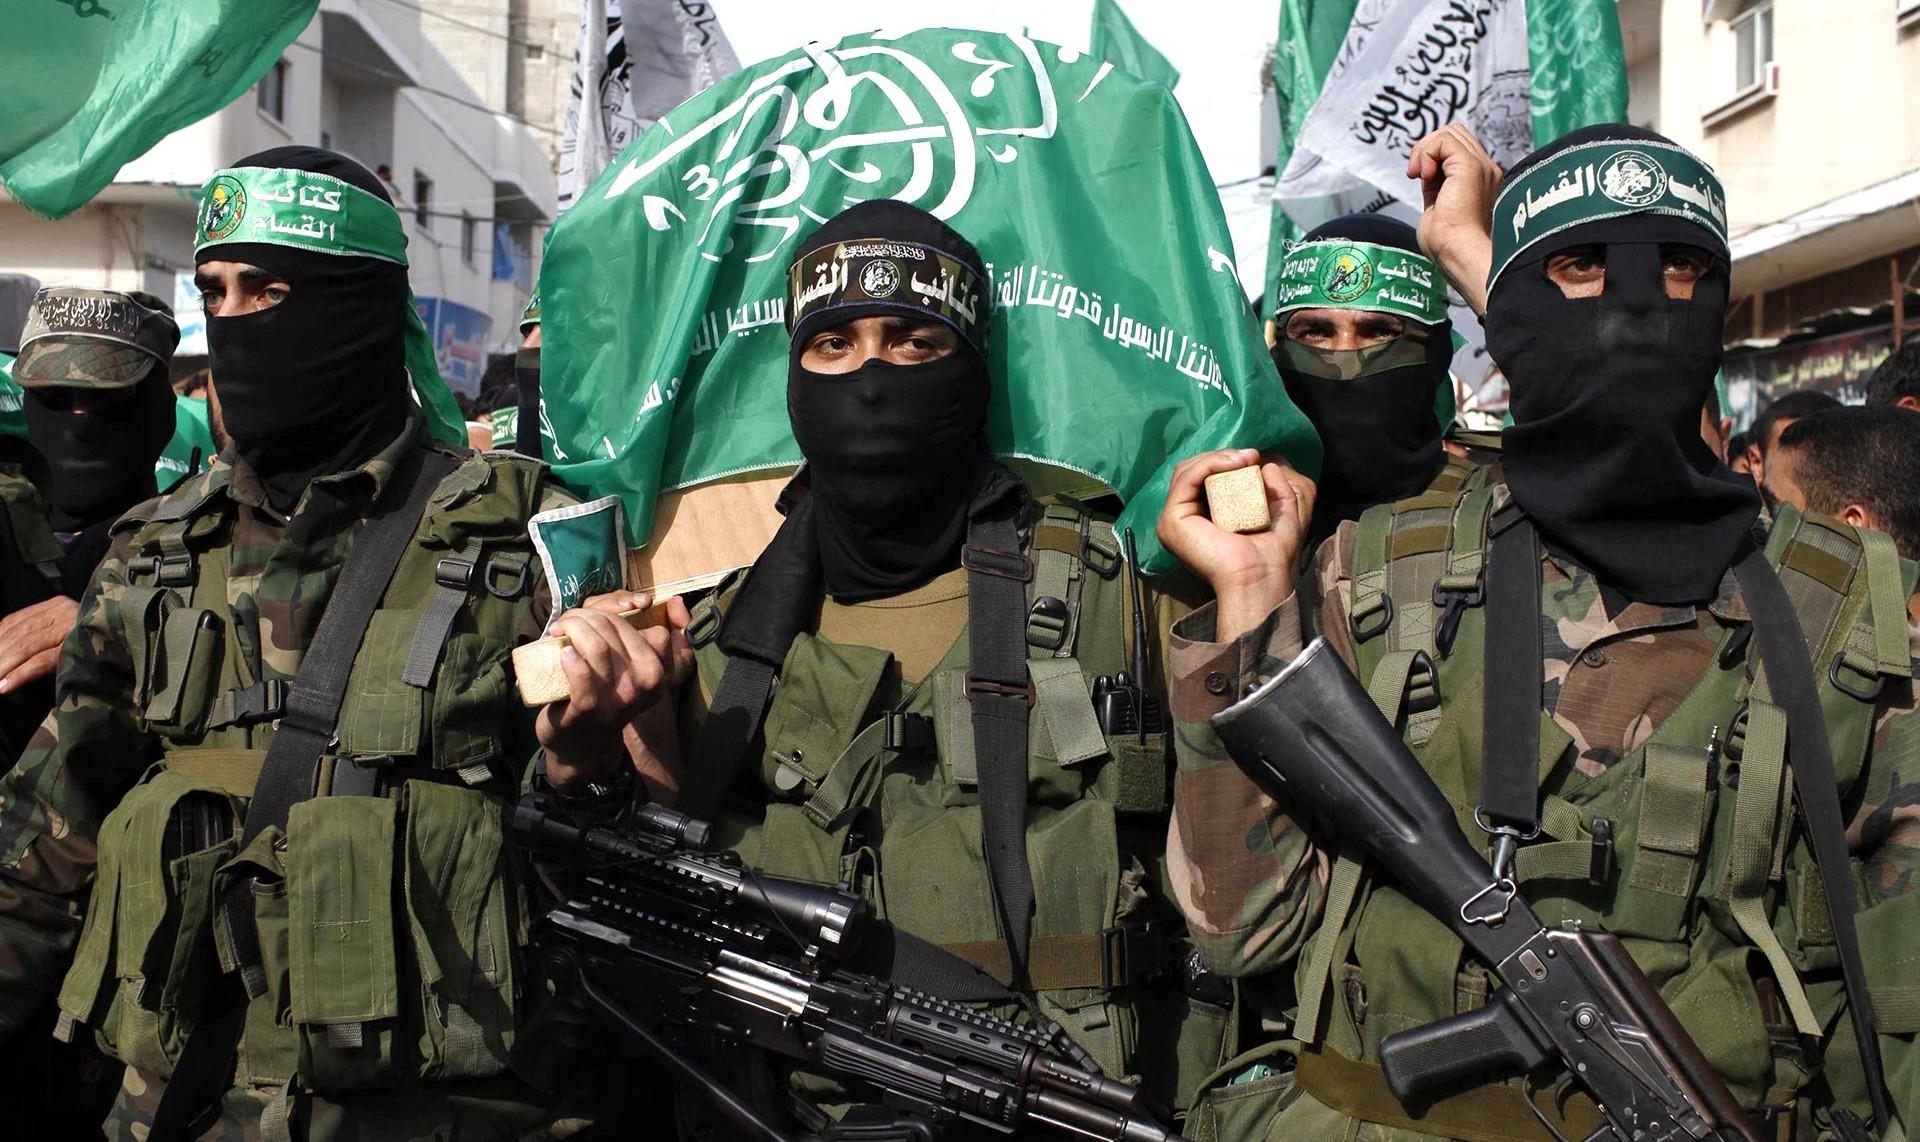 """Los terroristas de Hamas amenazaron con """"limpiar"""" a los prisioneros  israelíes si se repiten operaciones militares en la Franja de Gaza - Infobae"""